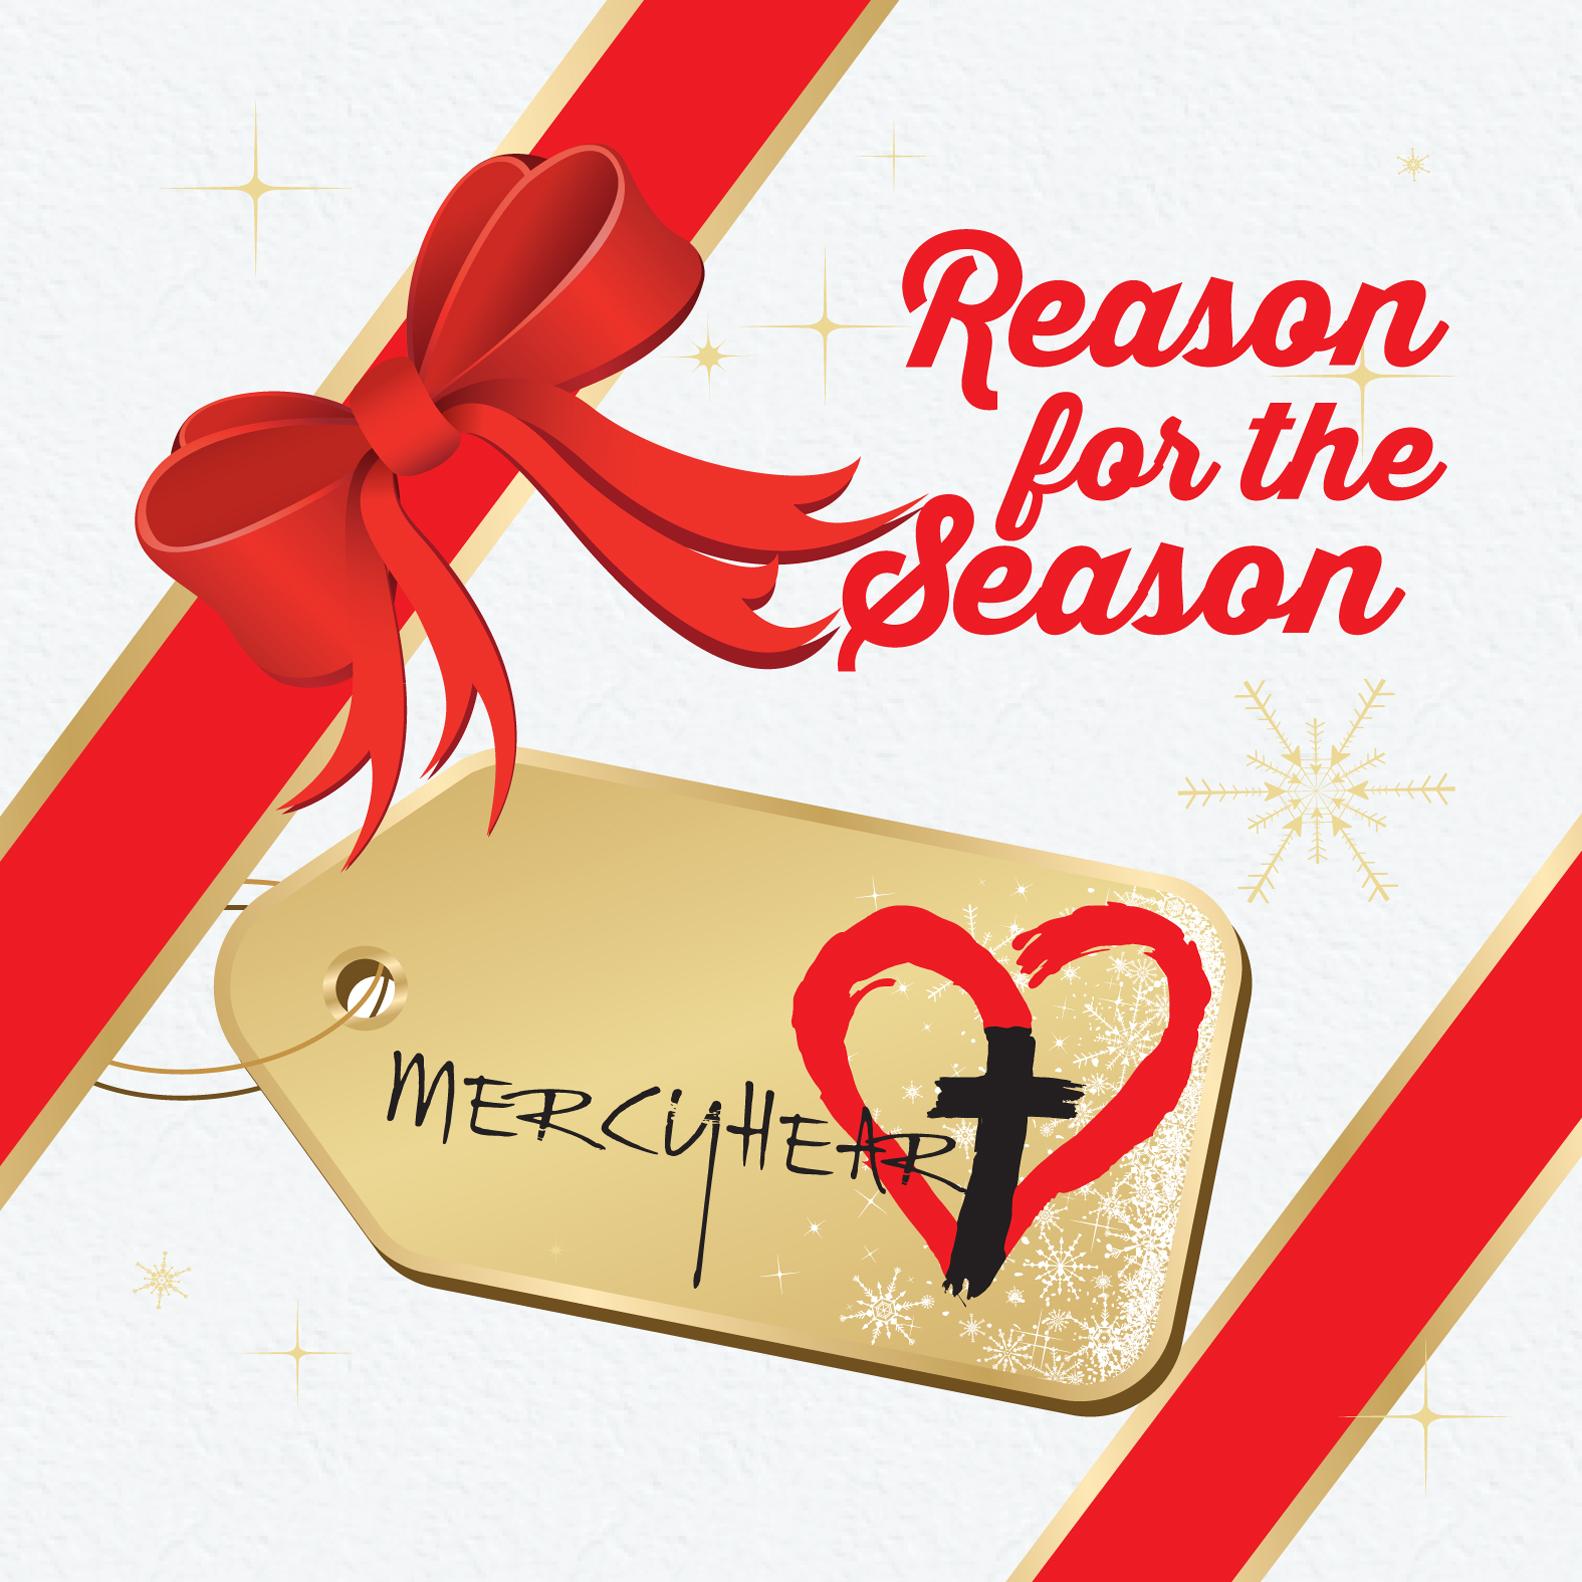 Mercy heart - Reason For The Season